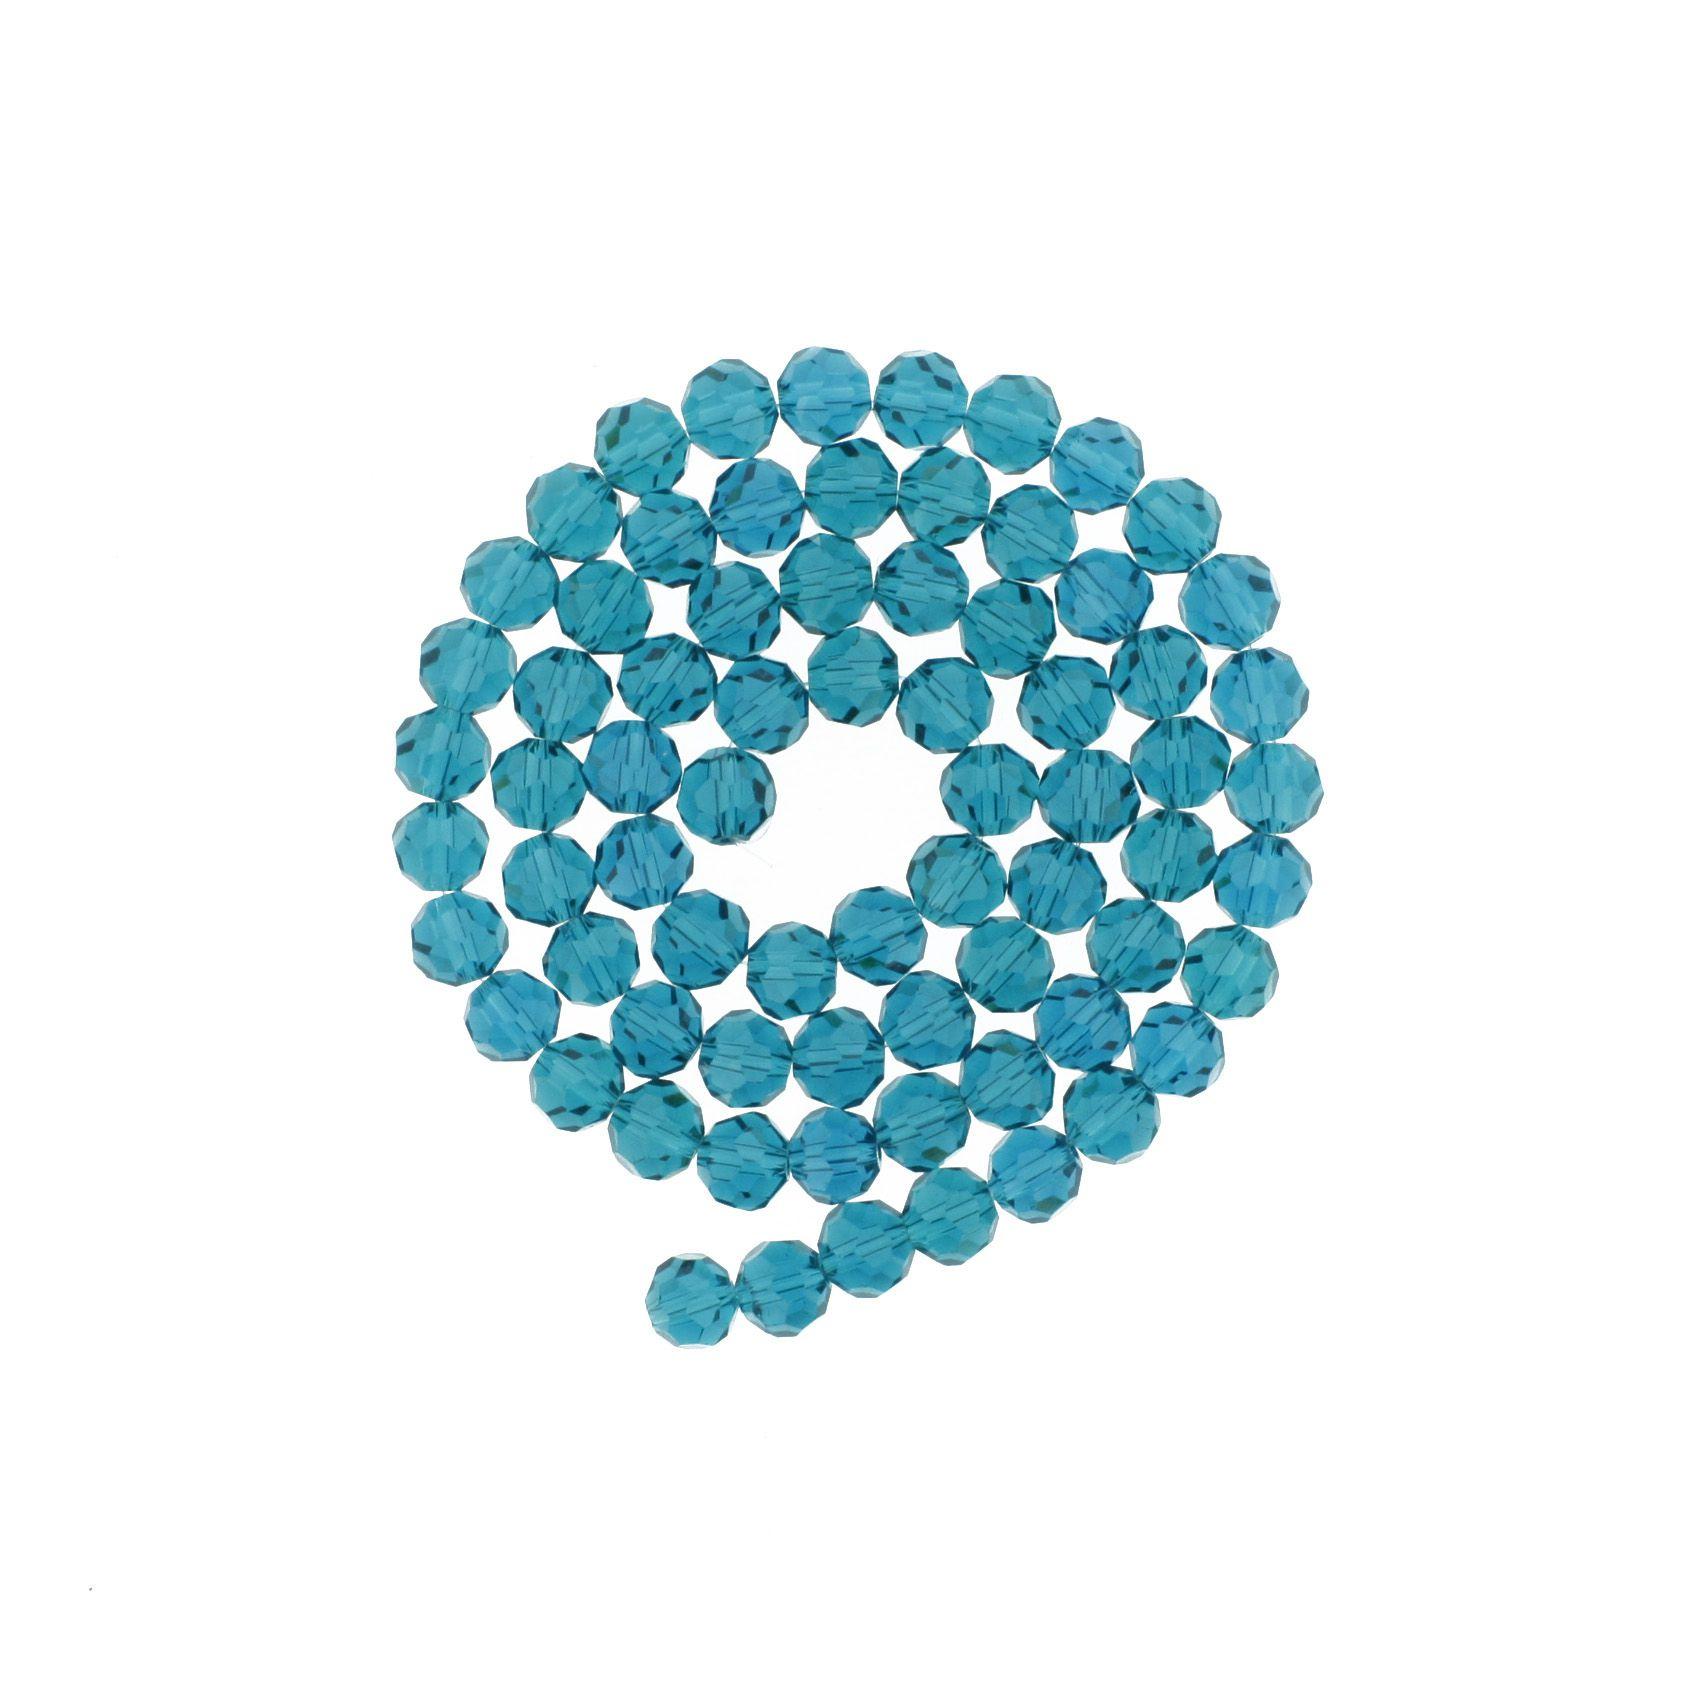 Fio de Cristal - Premium® - Azul Petróleo Transparente - 8mm  - Stéphanie Bijoux® - Peças para Bijuterias e Artesanato